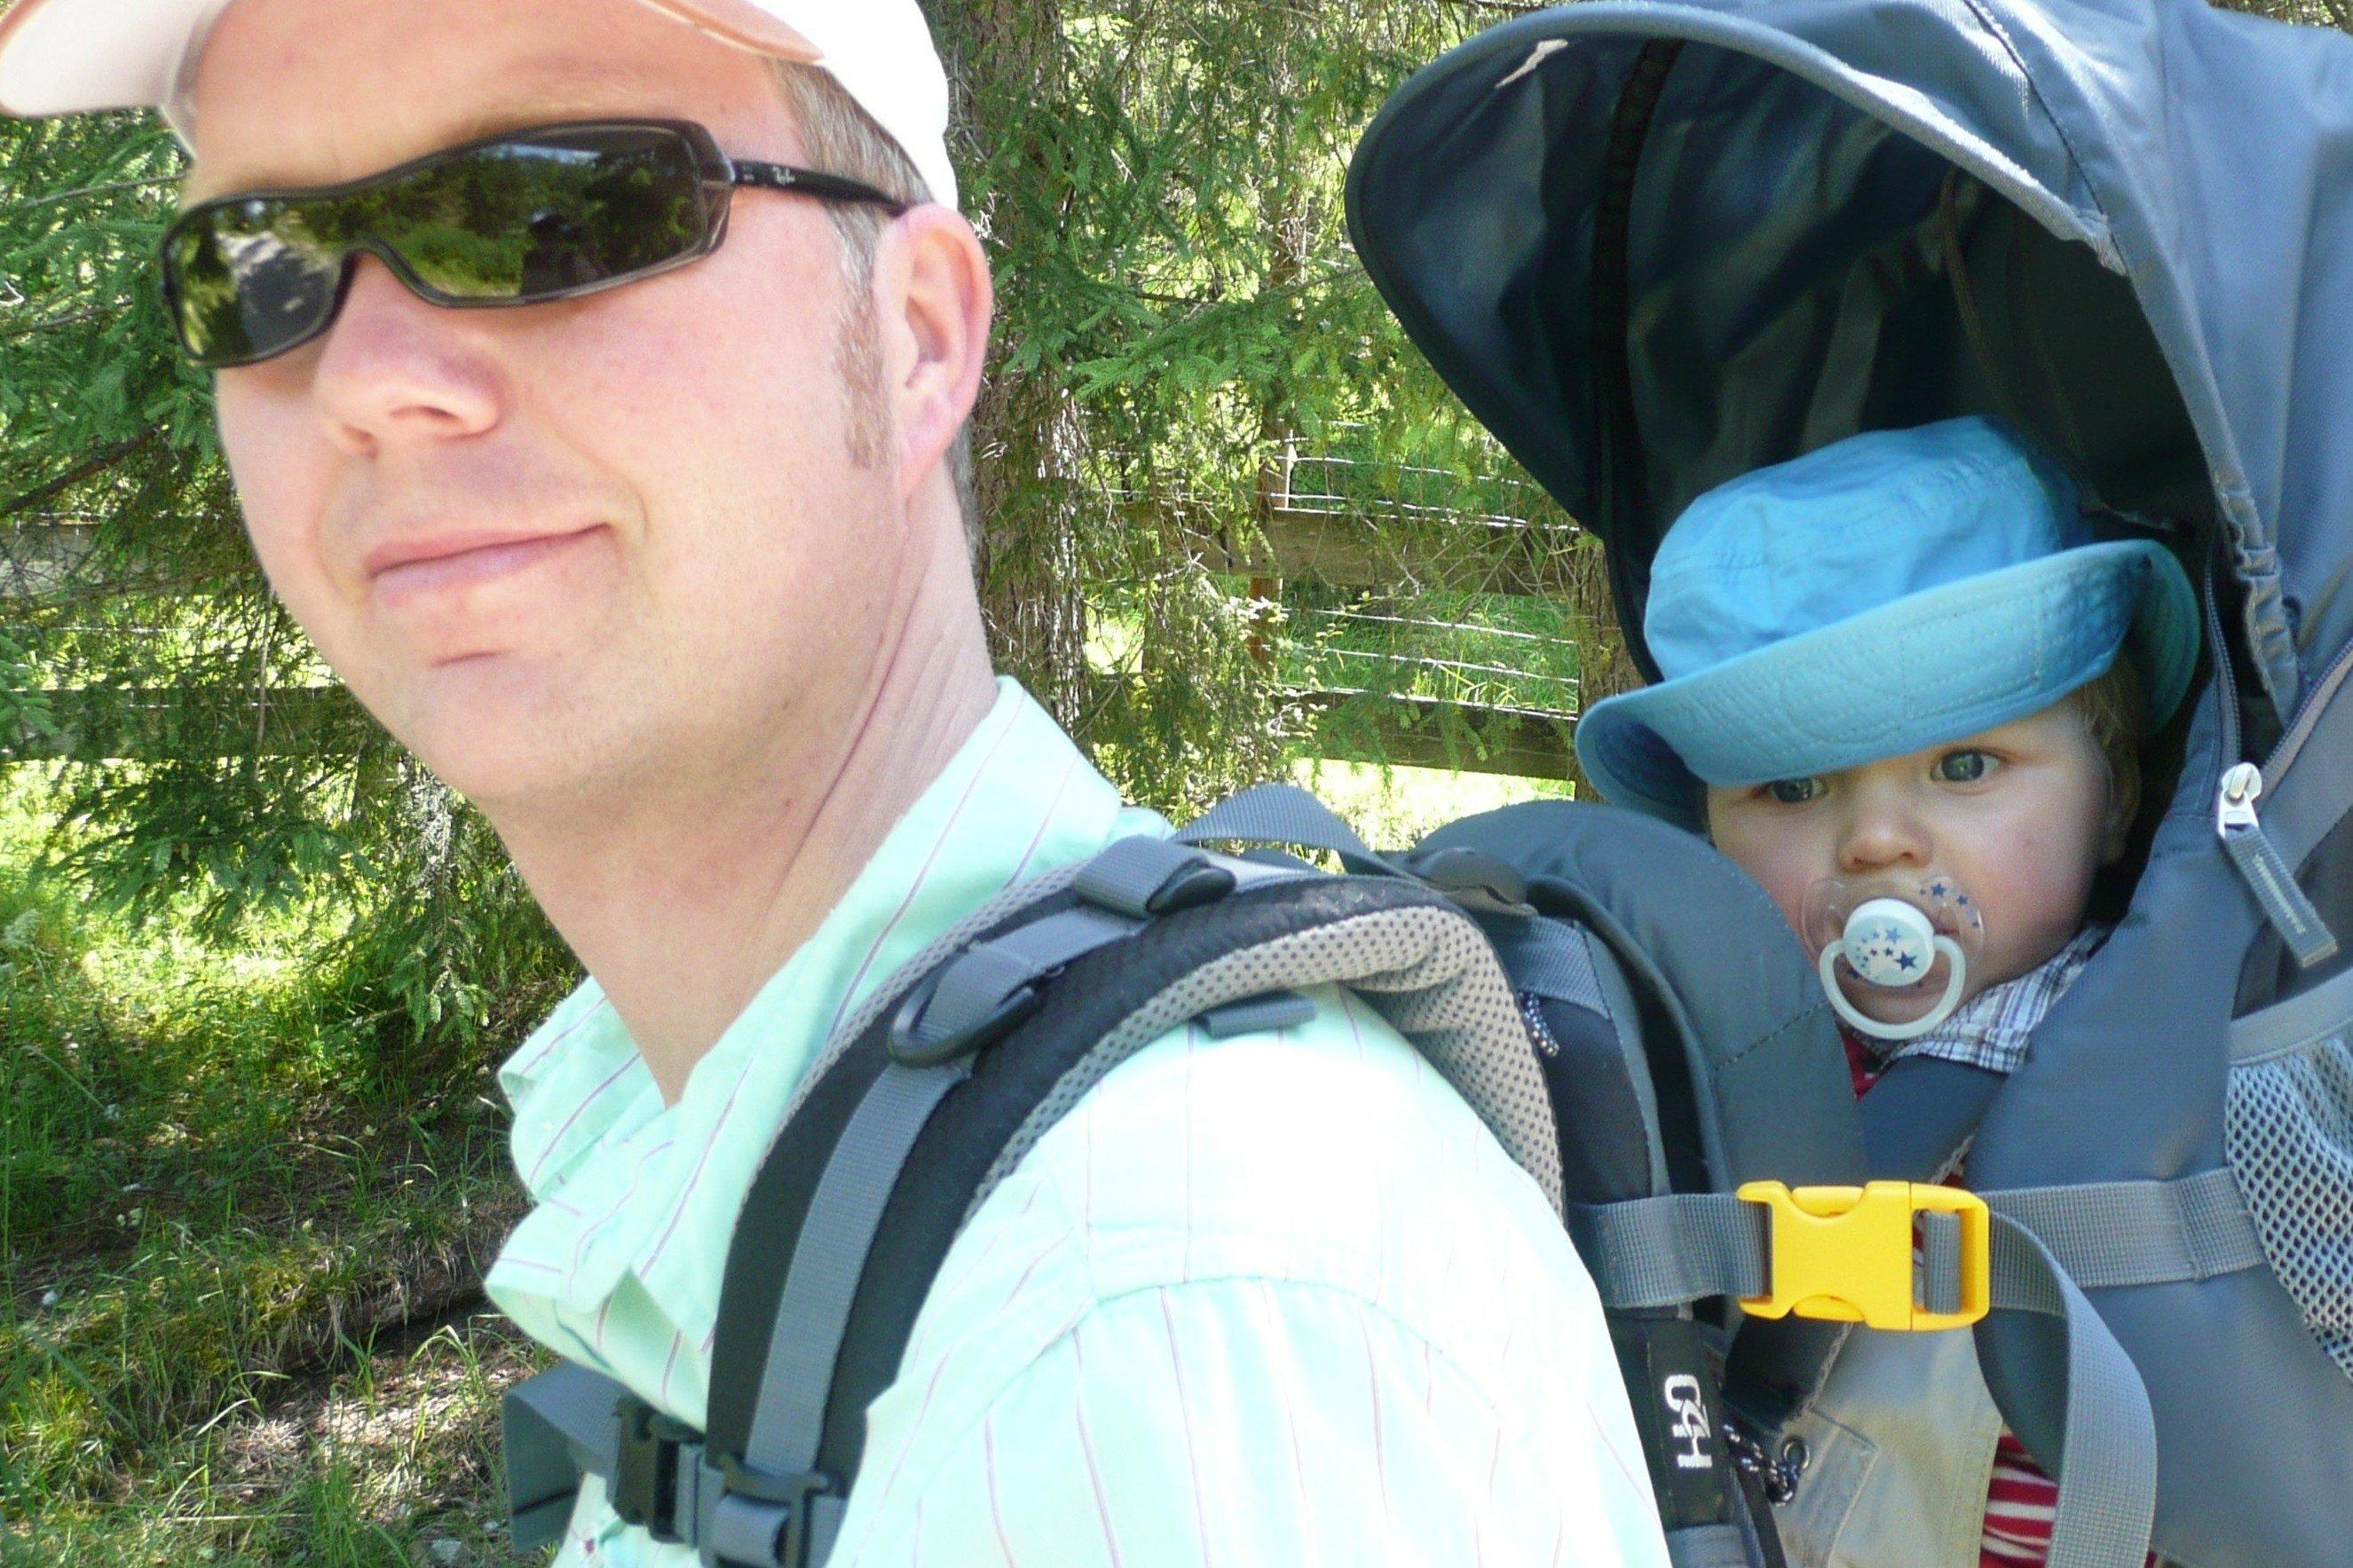 Eine gute Kraxe muss sowohl für Baby als auch für den Tragenden ausgesucht werden. © KidsAway